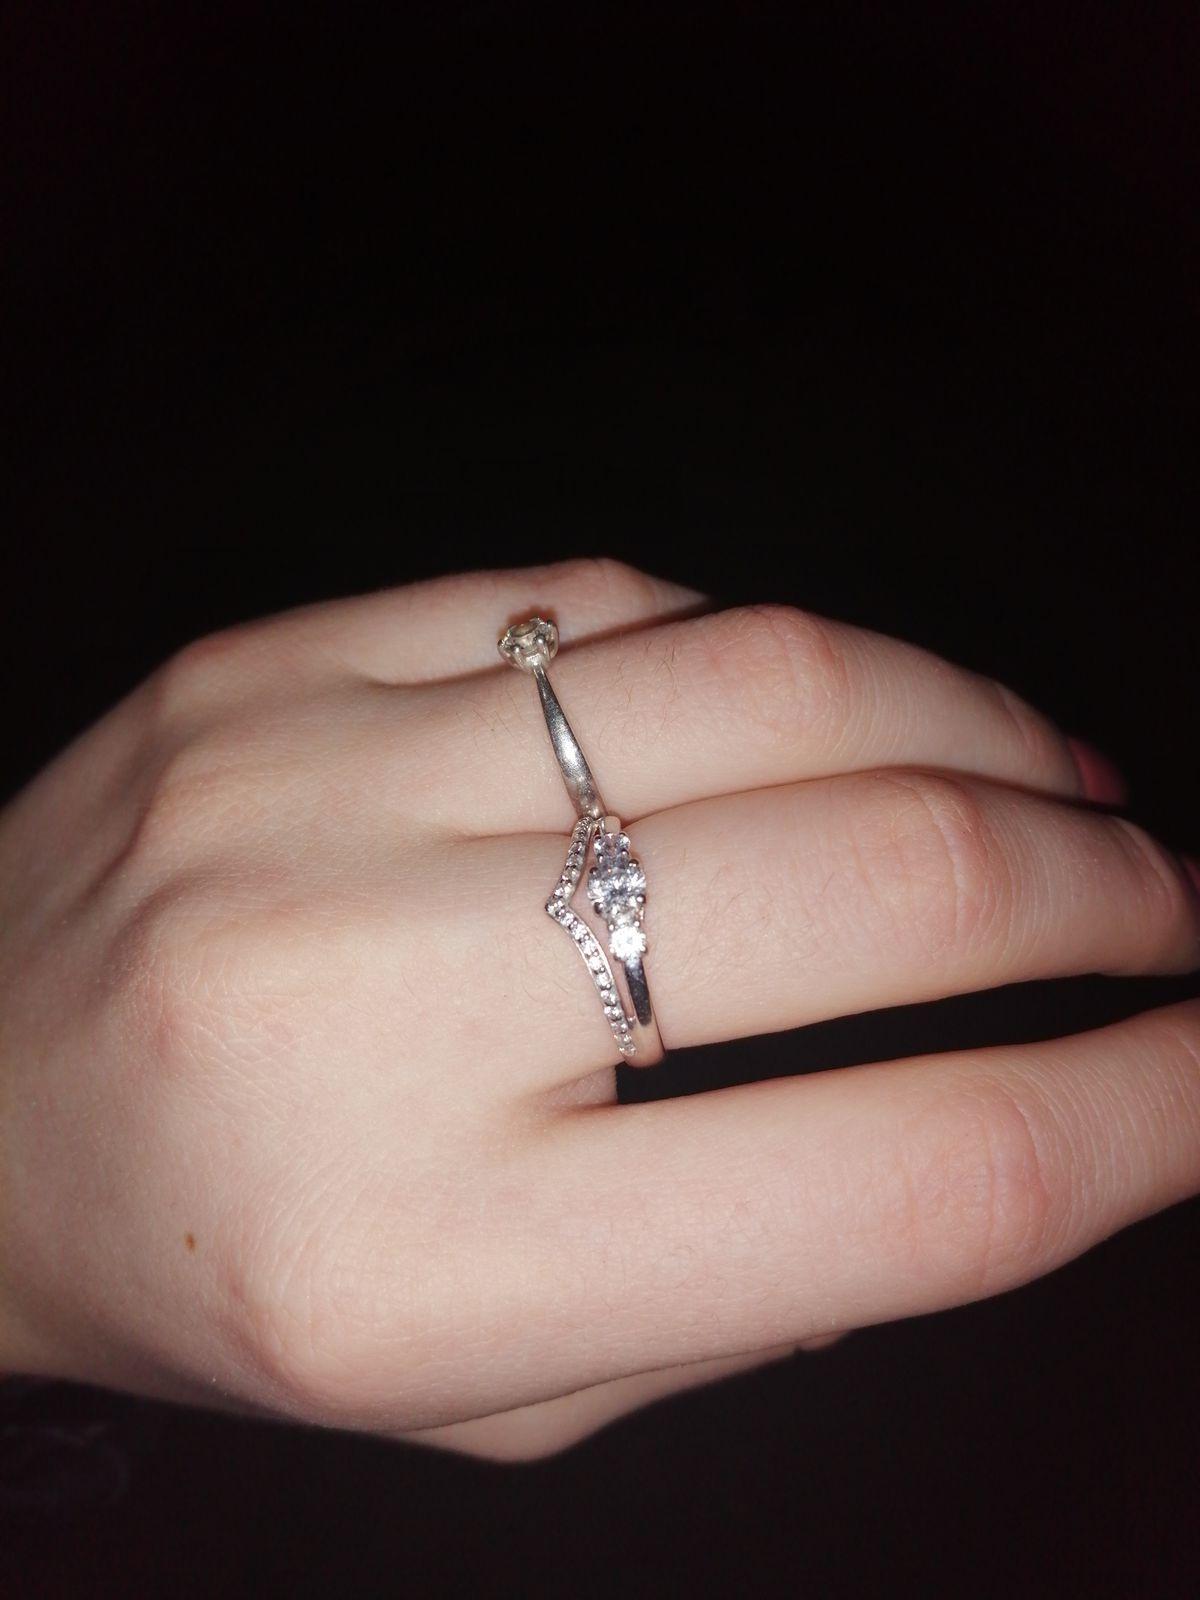 Кольцо нежное и красивое